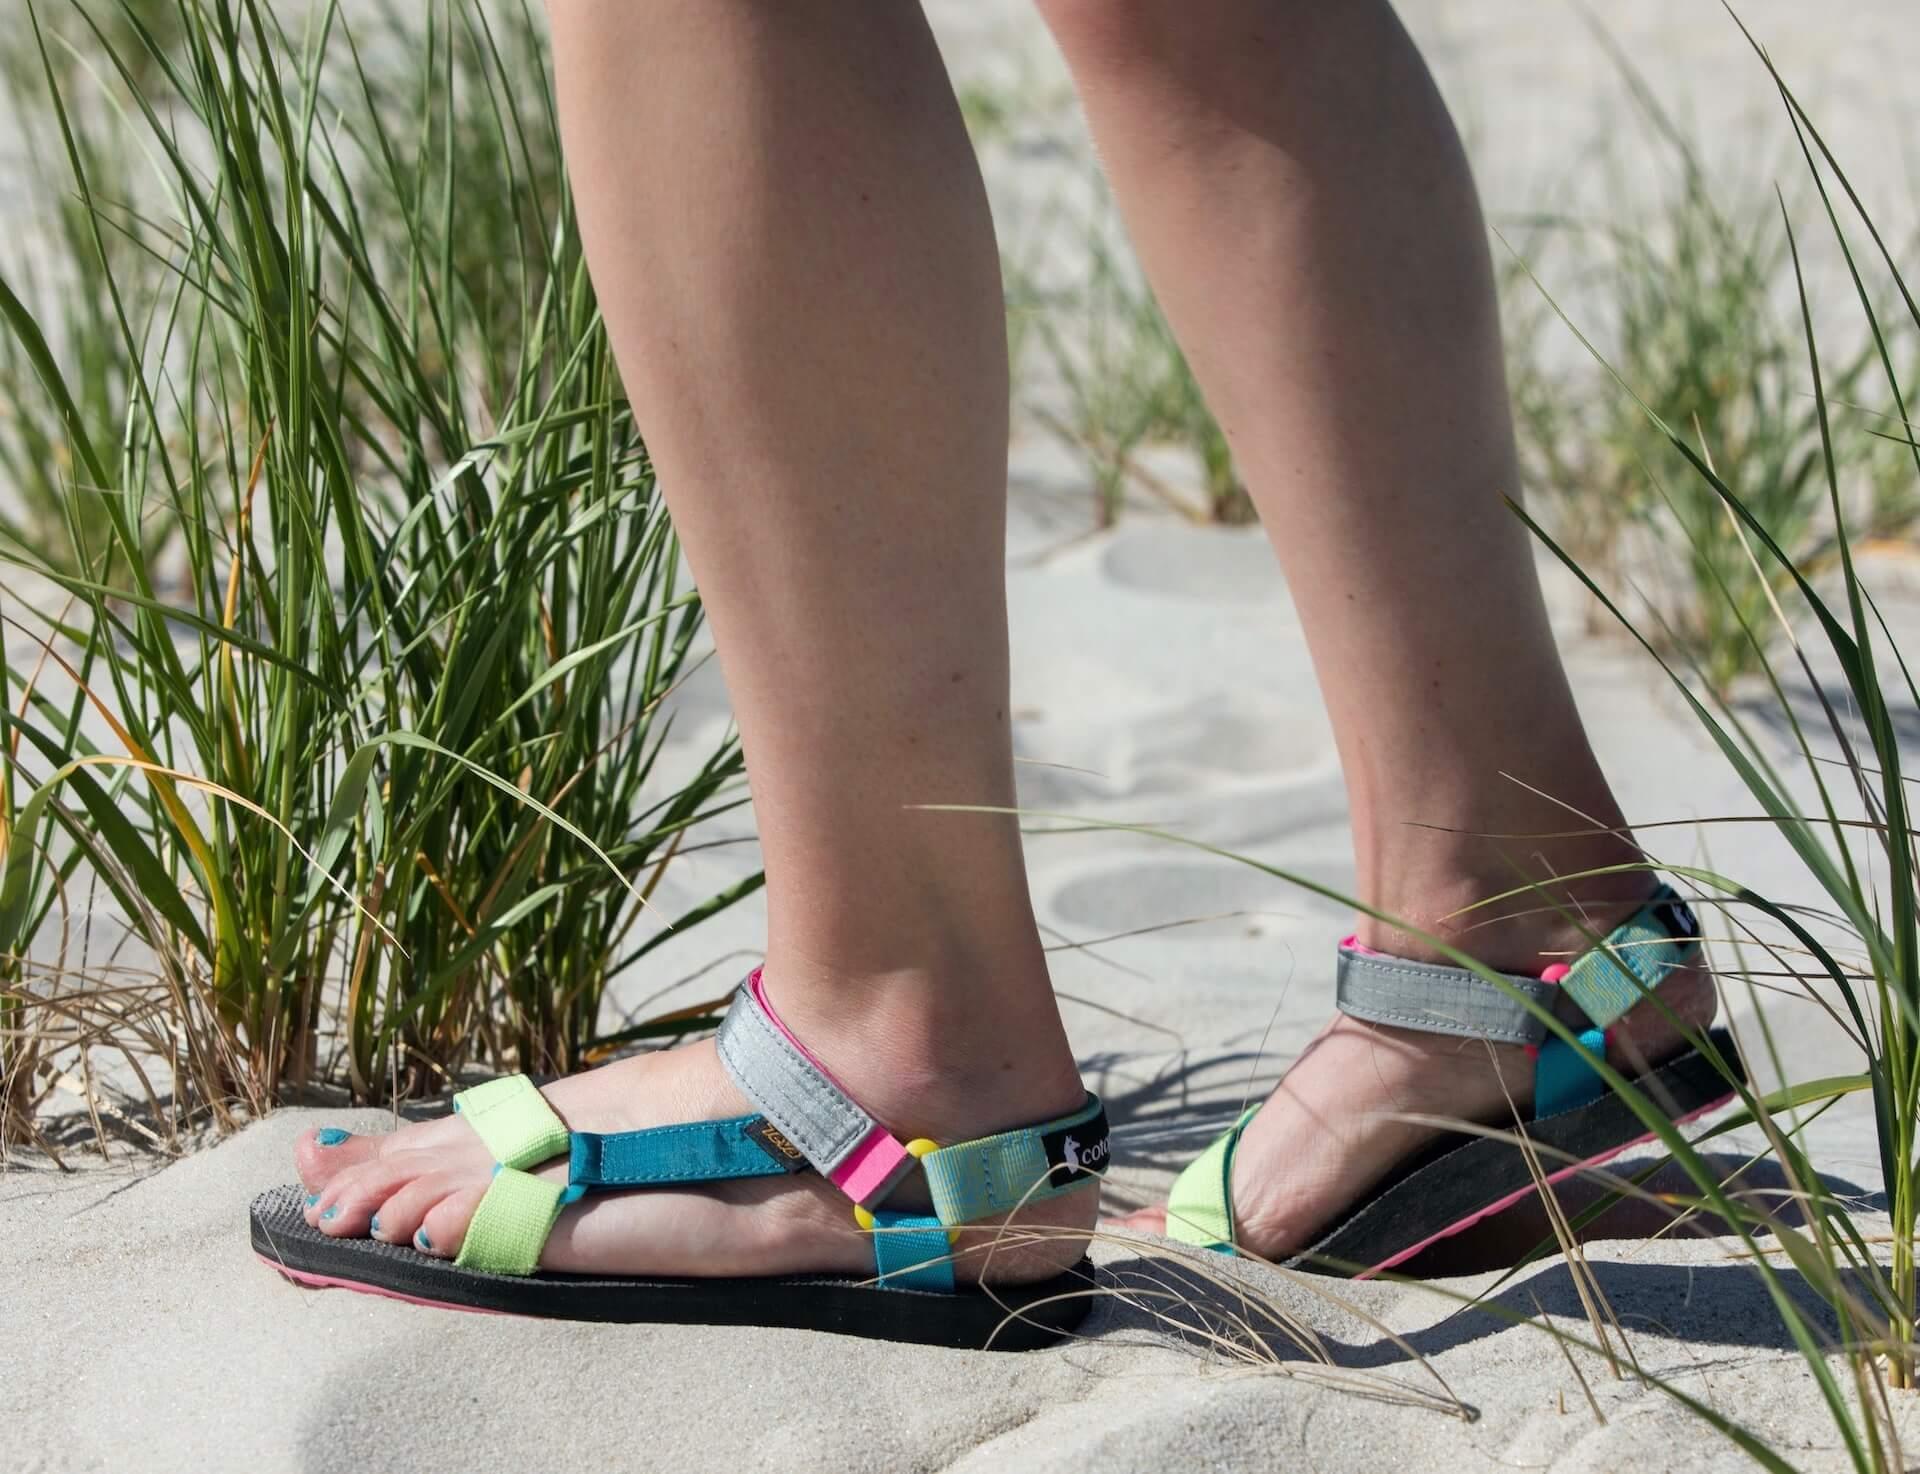 Tevaと米国の次世代アウトドアブランドCotopaxiがコラボ!サステナブルな素材にこだわったサンダルが本日発売 fashion2020729_teva8